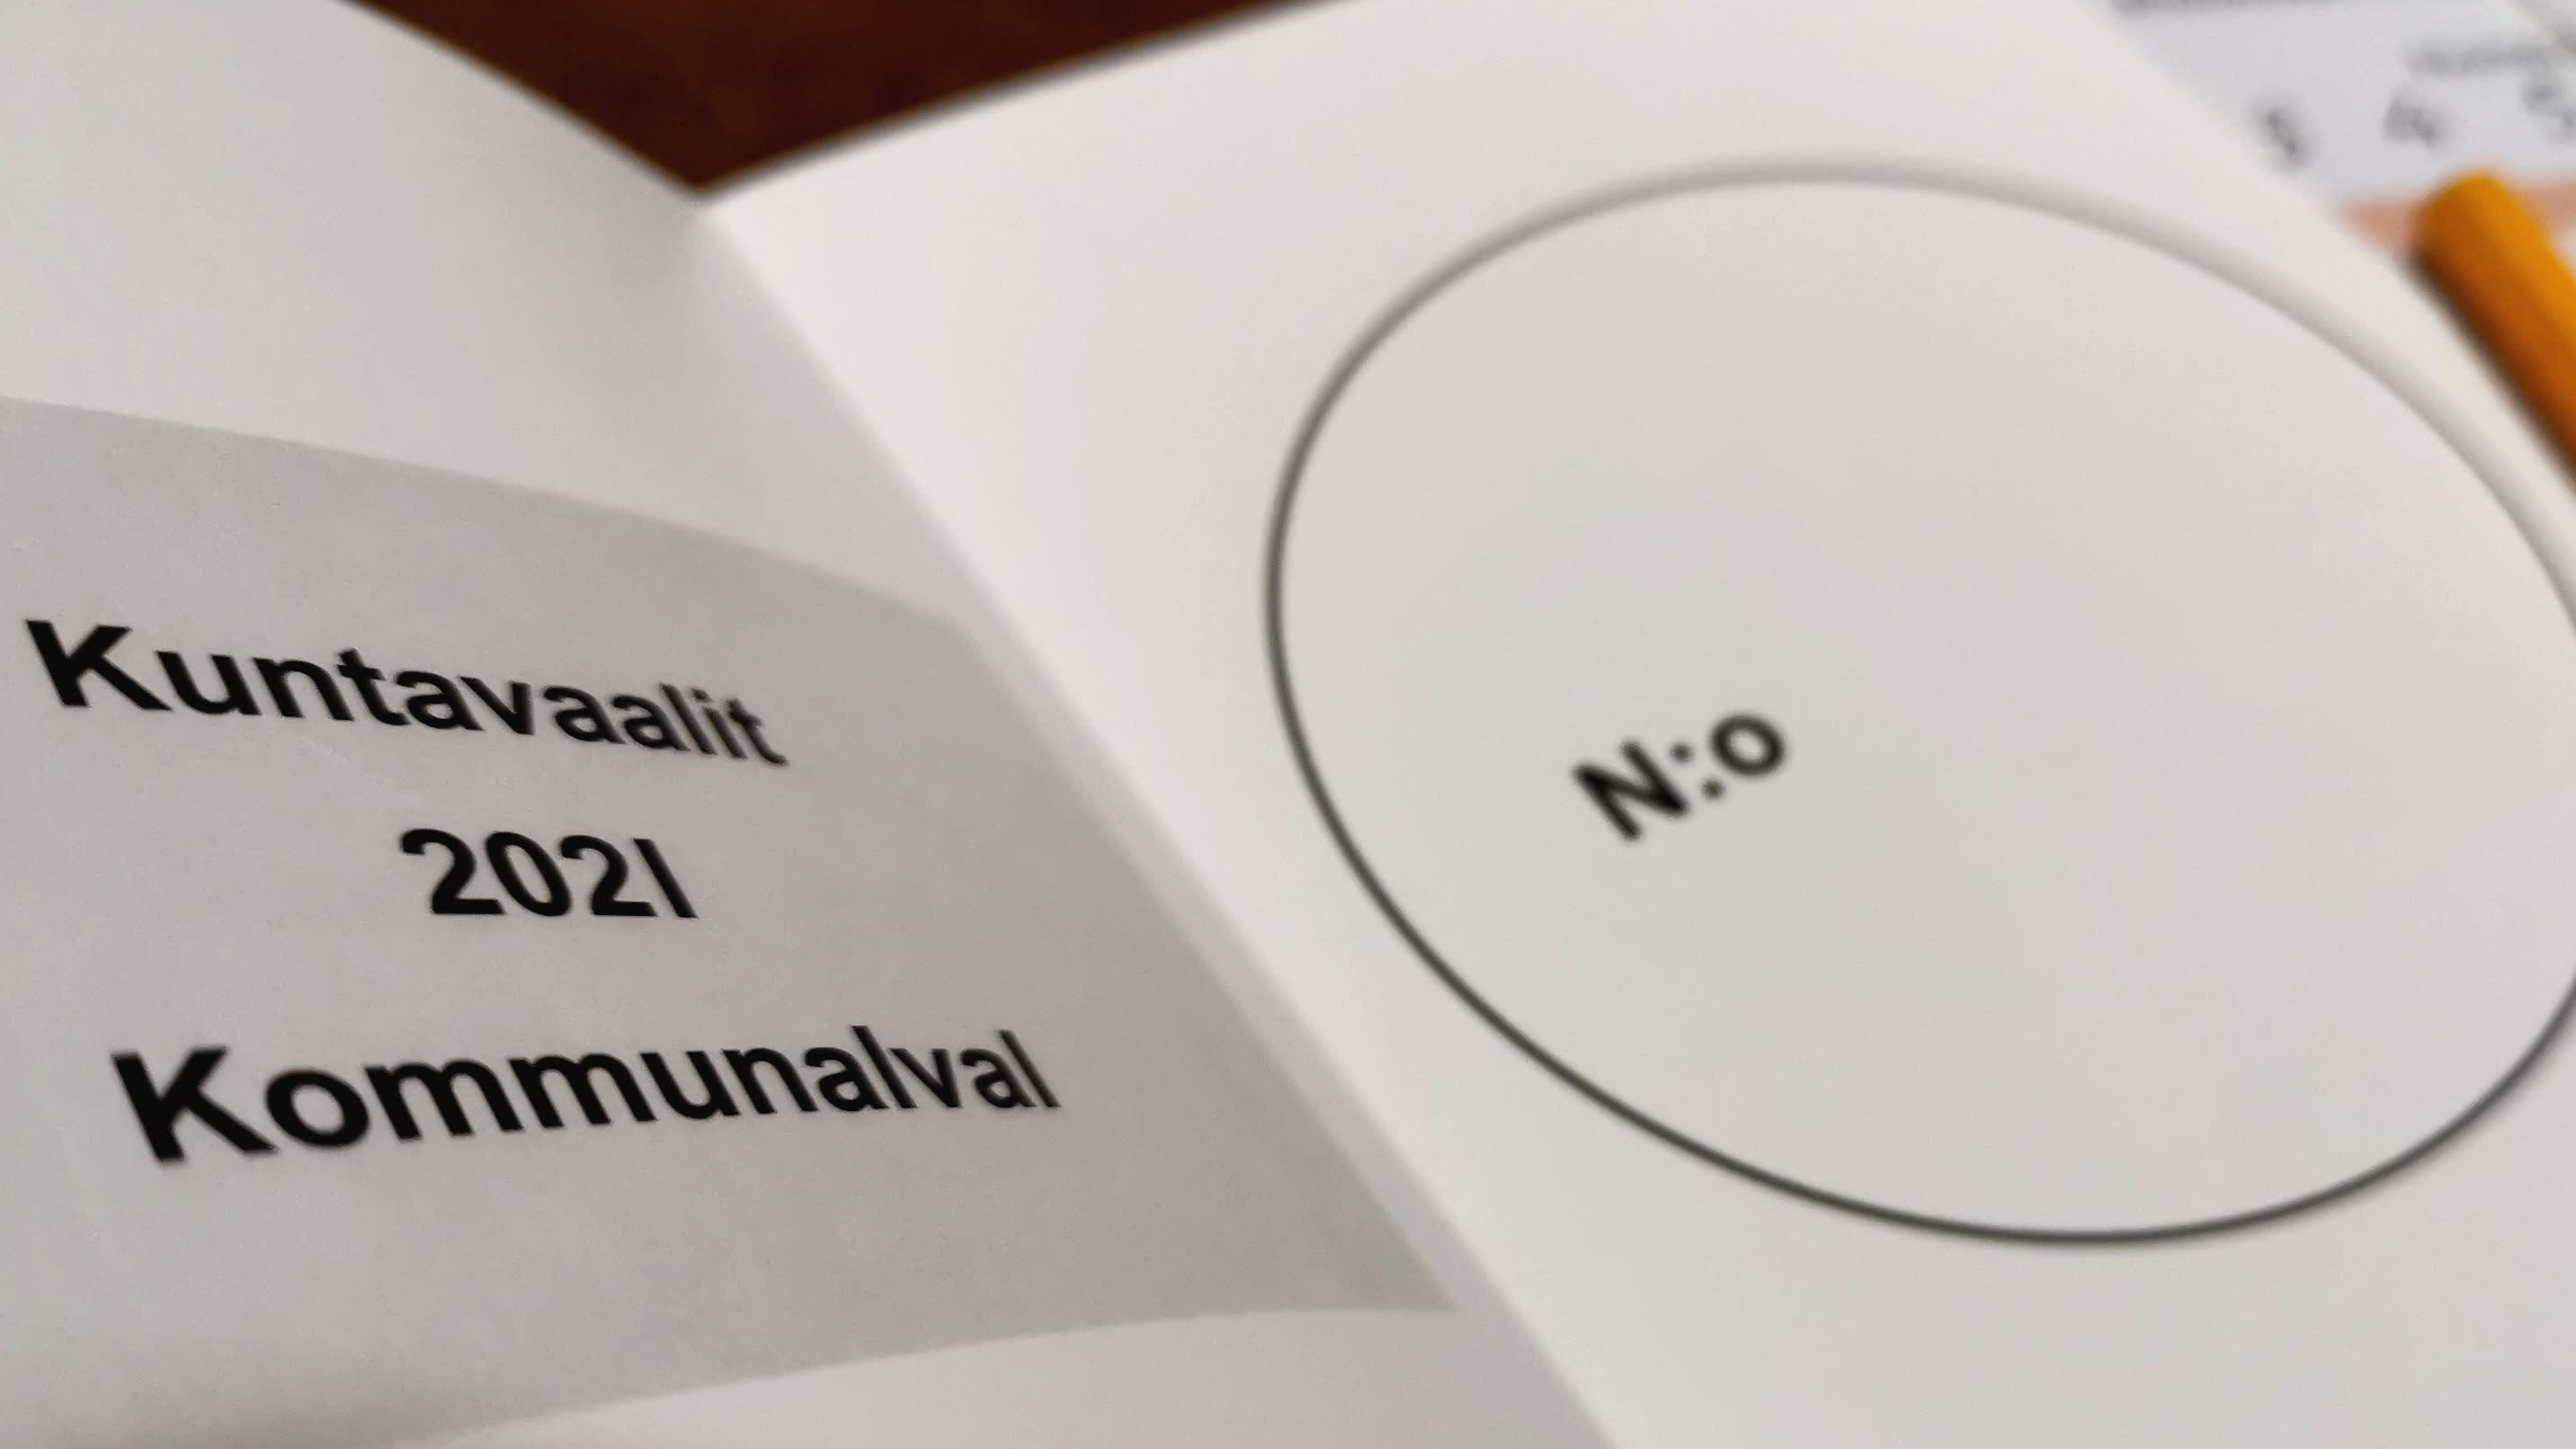 Kuntavaalit 2021, äänestyslipuke.